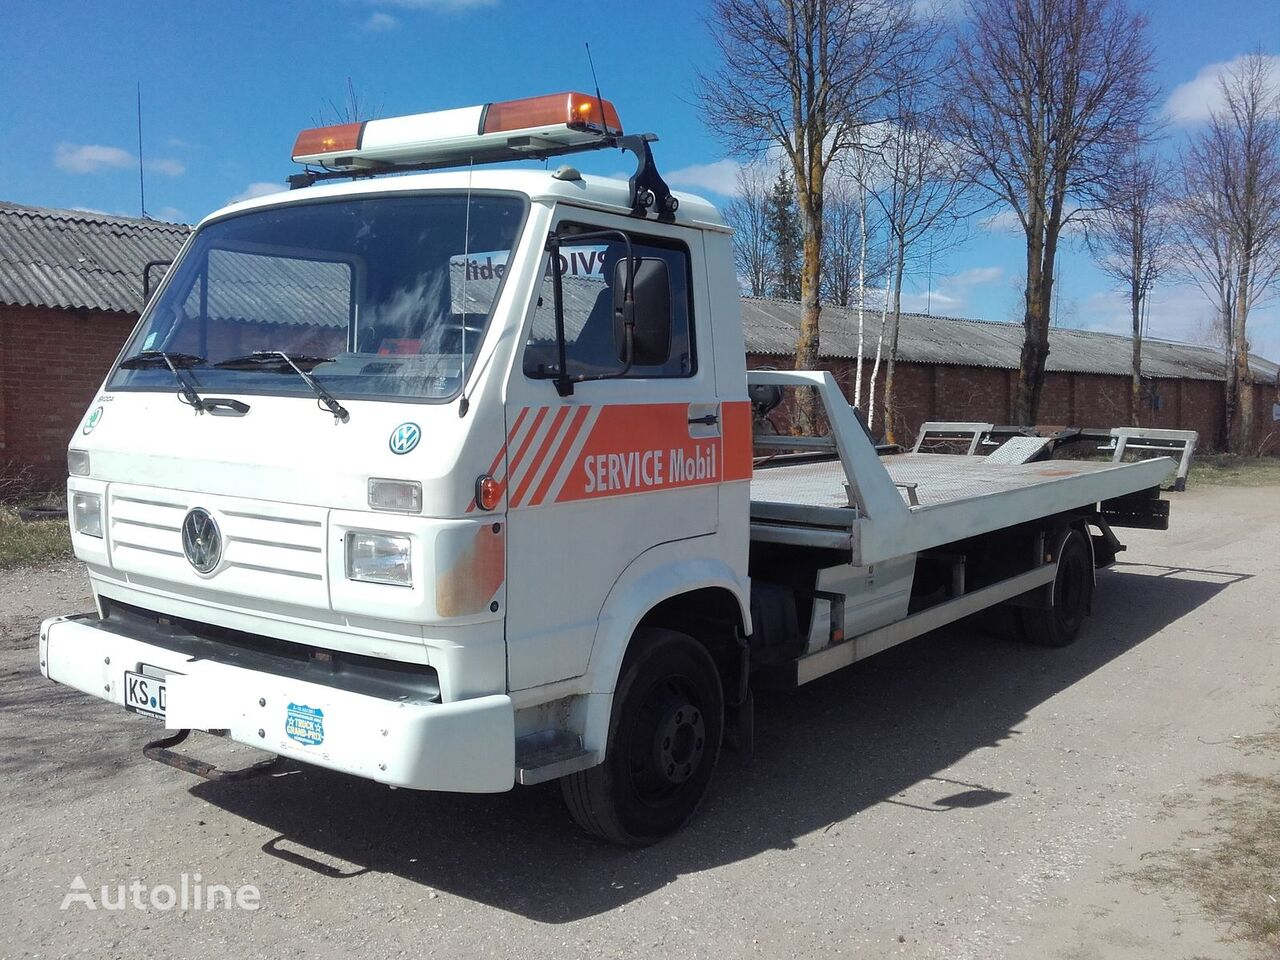 VOLKSWAGEN L80 tow truck